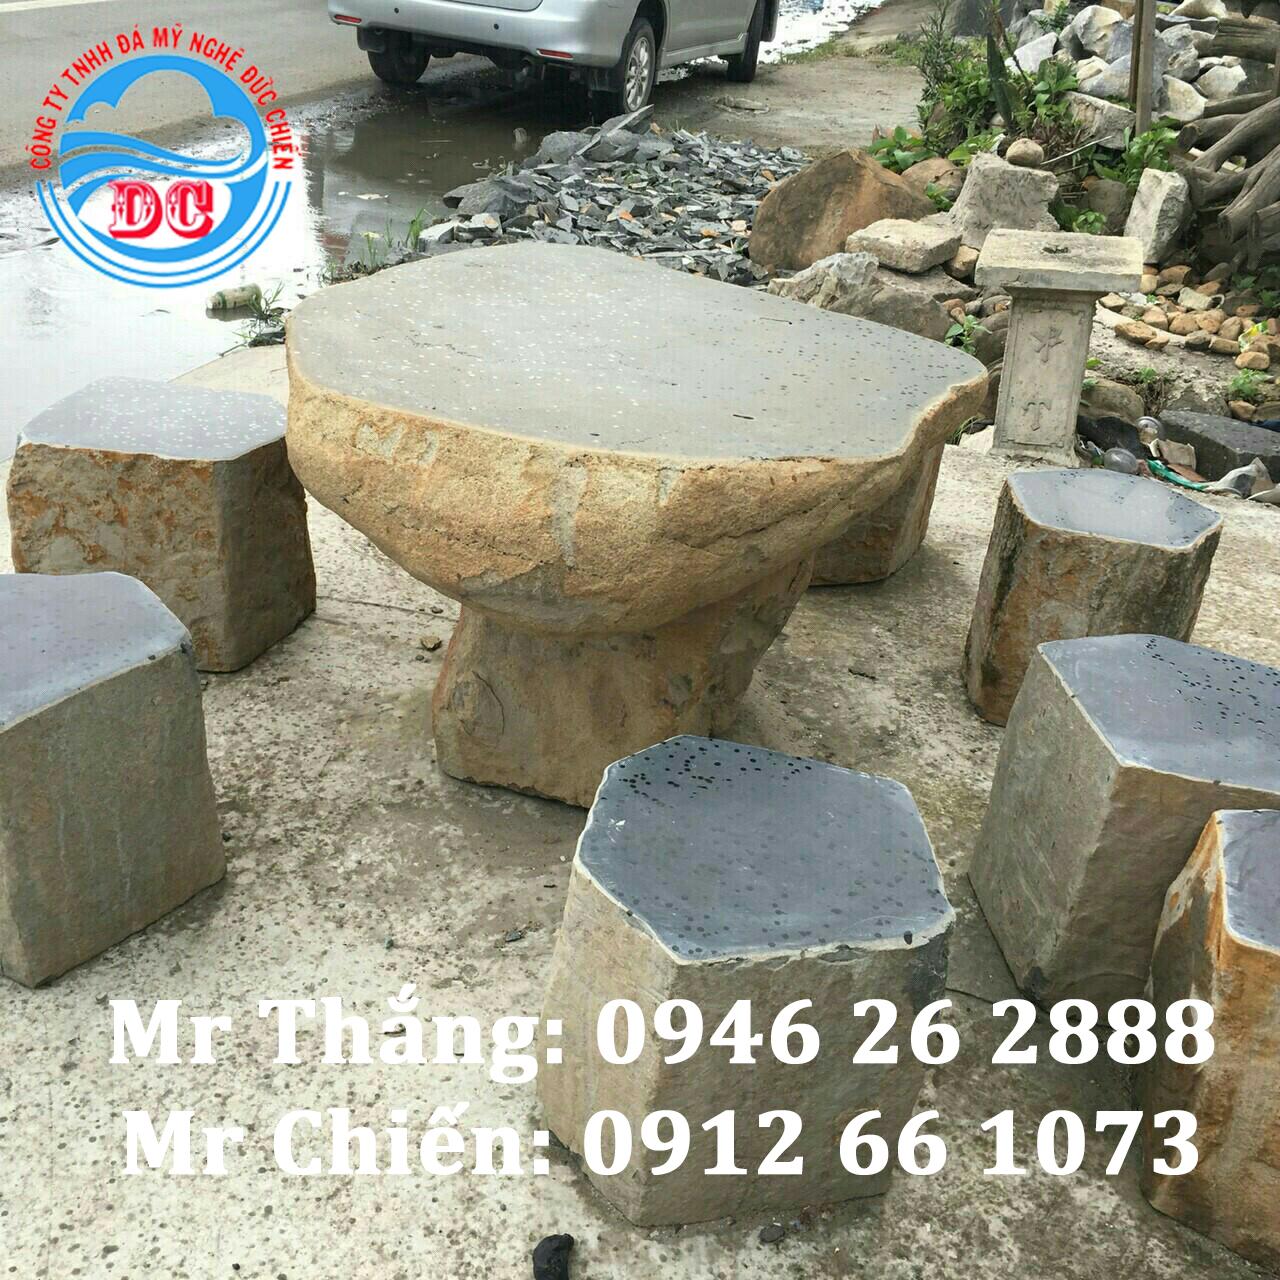 Mẫu bàn ghế đá- Mẫu sản phẩm cao cấp, chế tác đẹp, bảo hành trọn đời